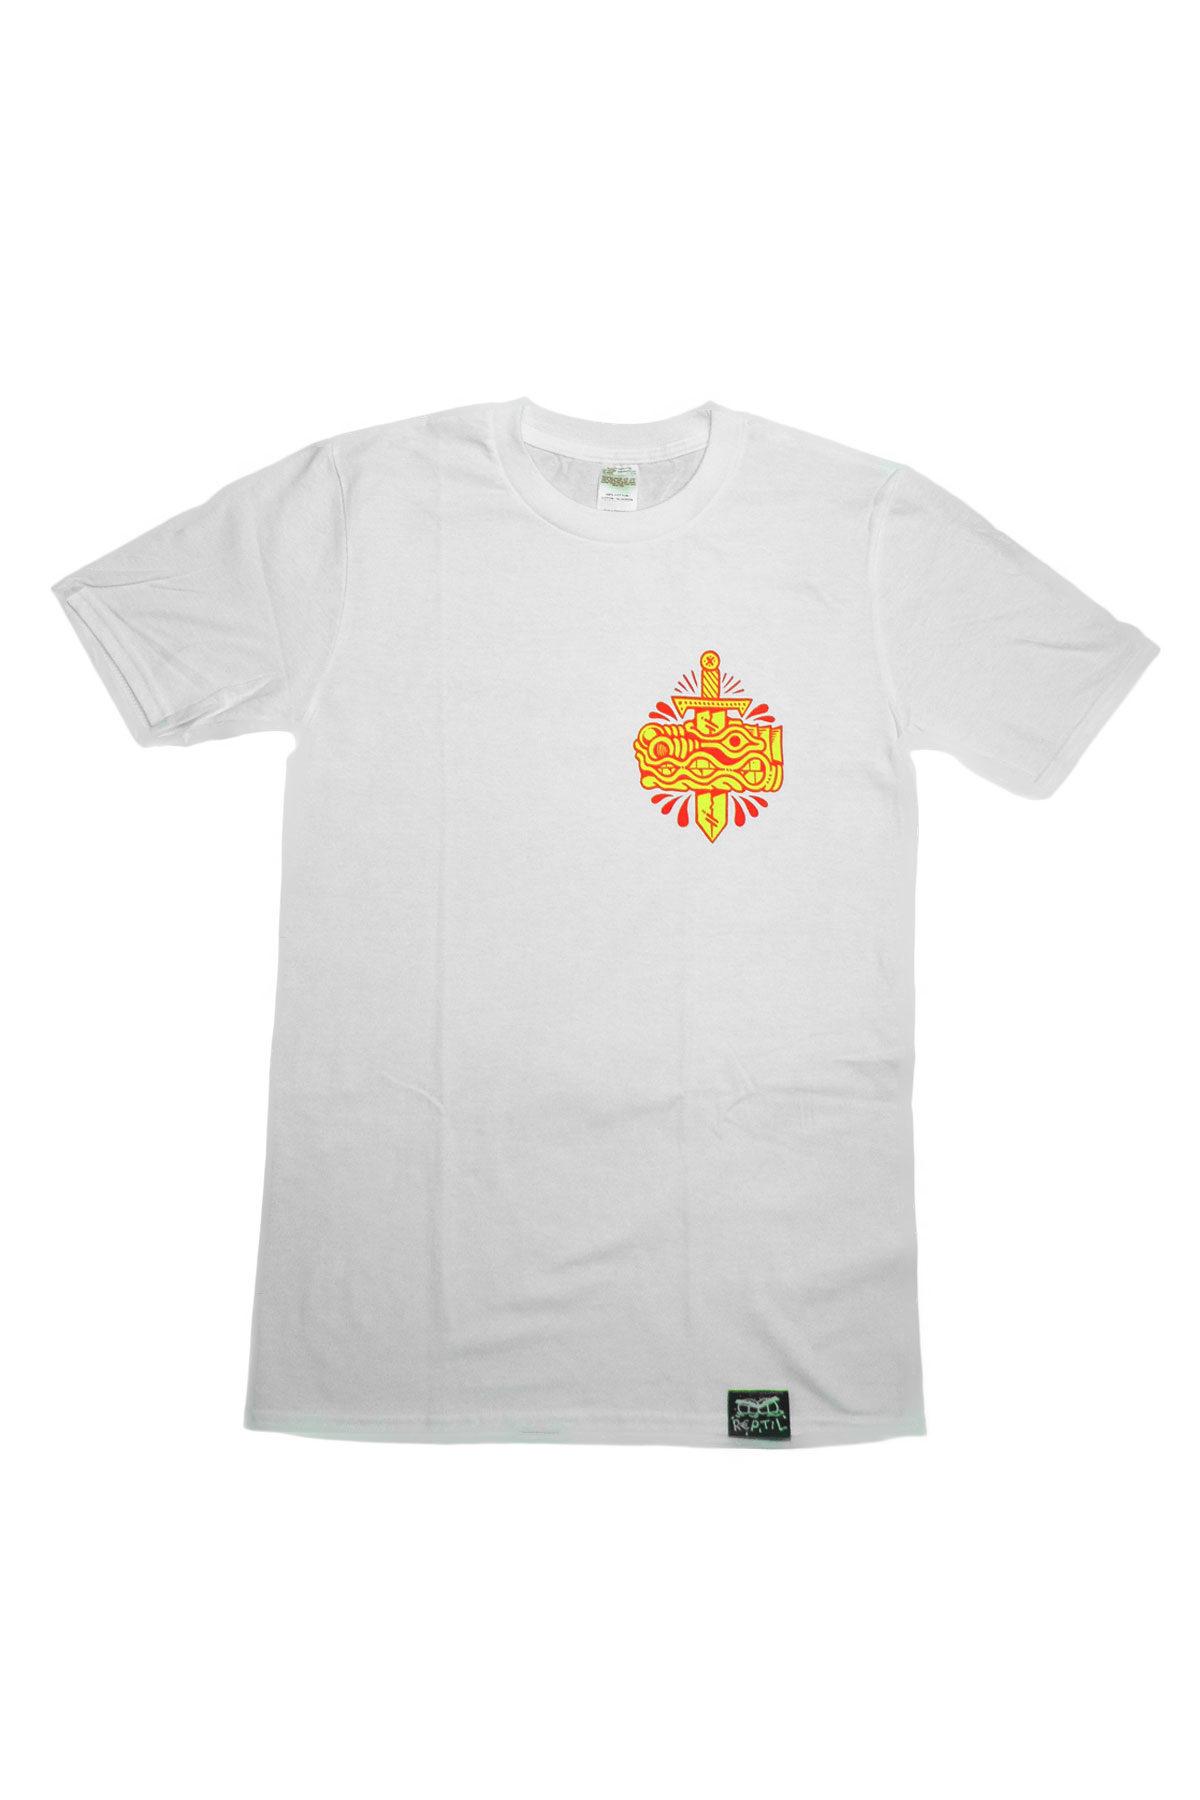 REPTIL DALAS Tshirt